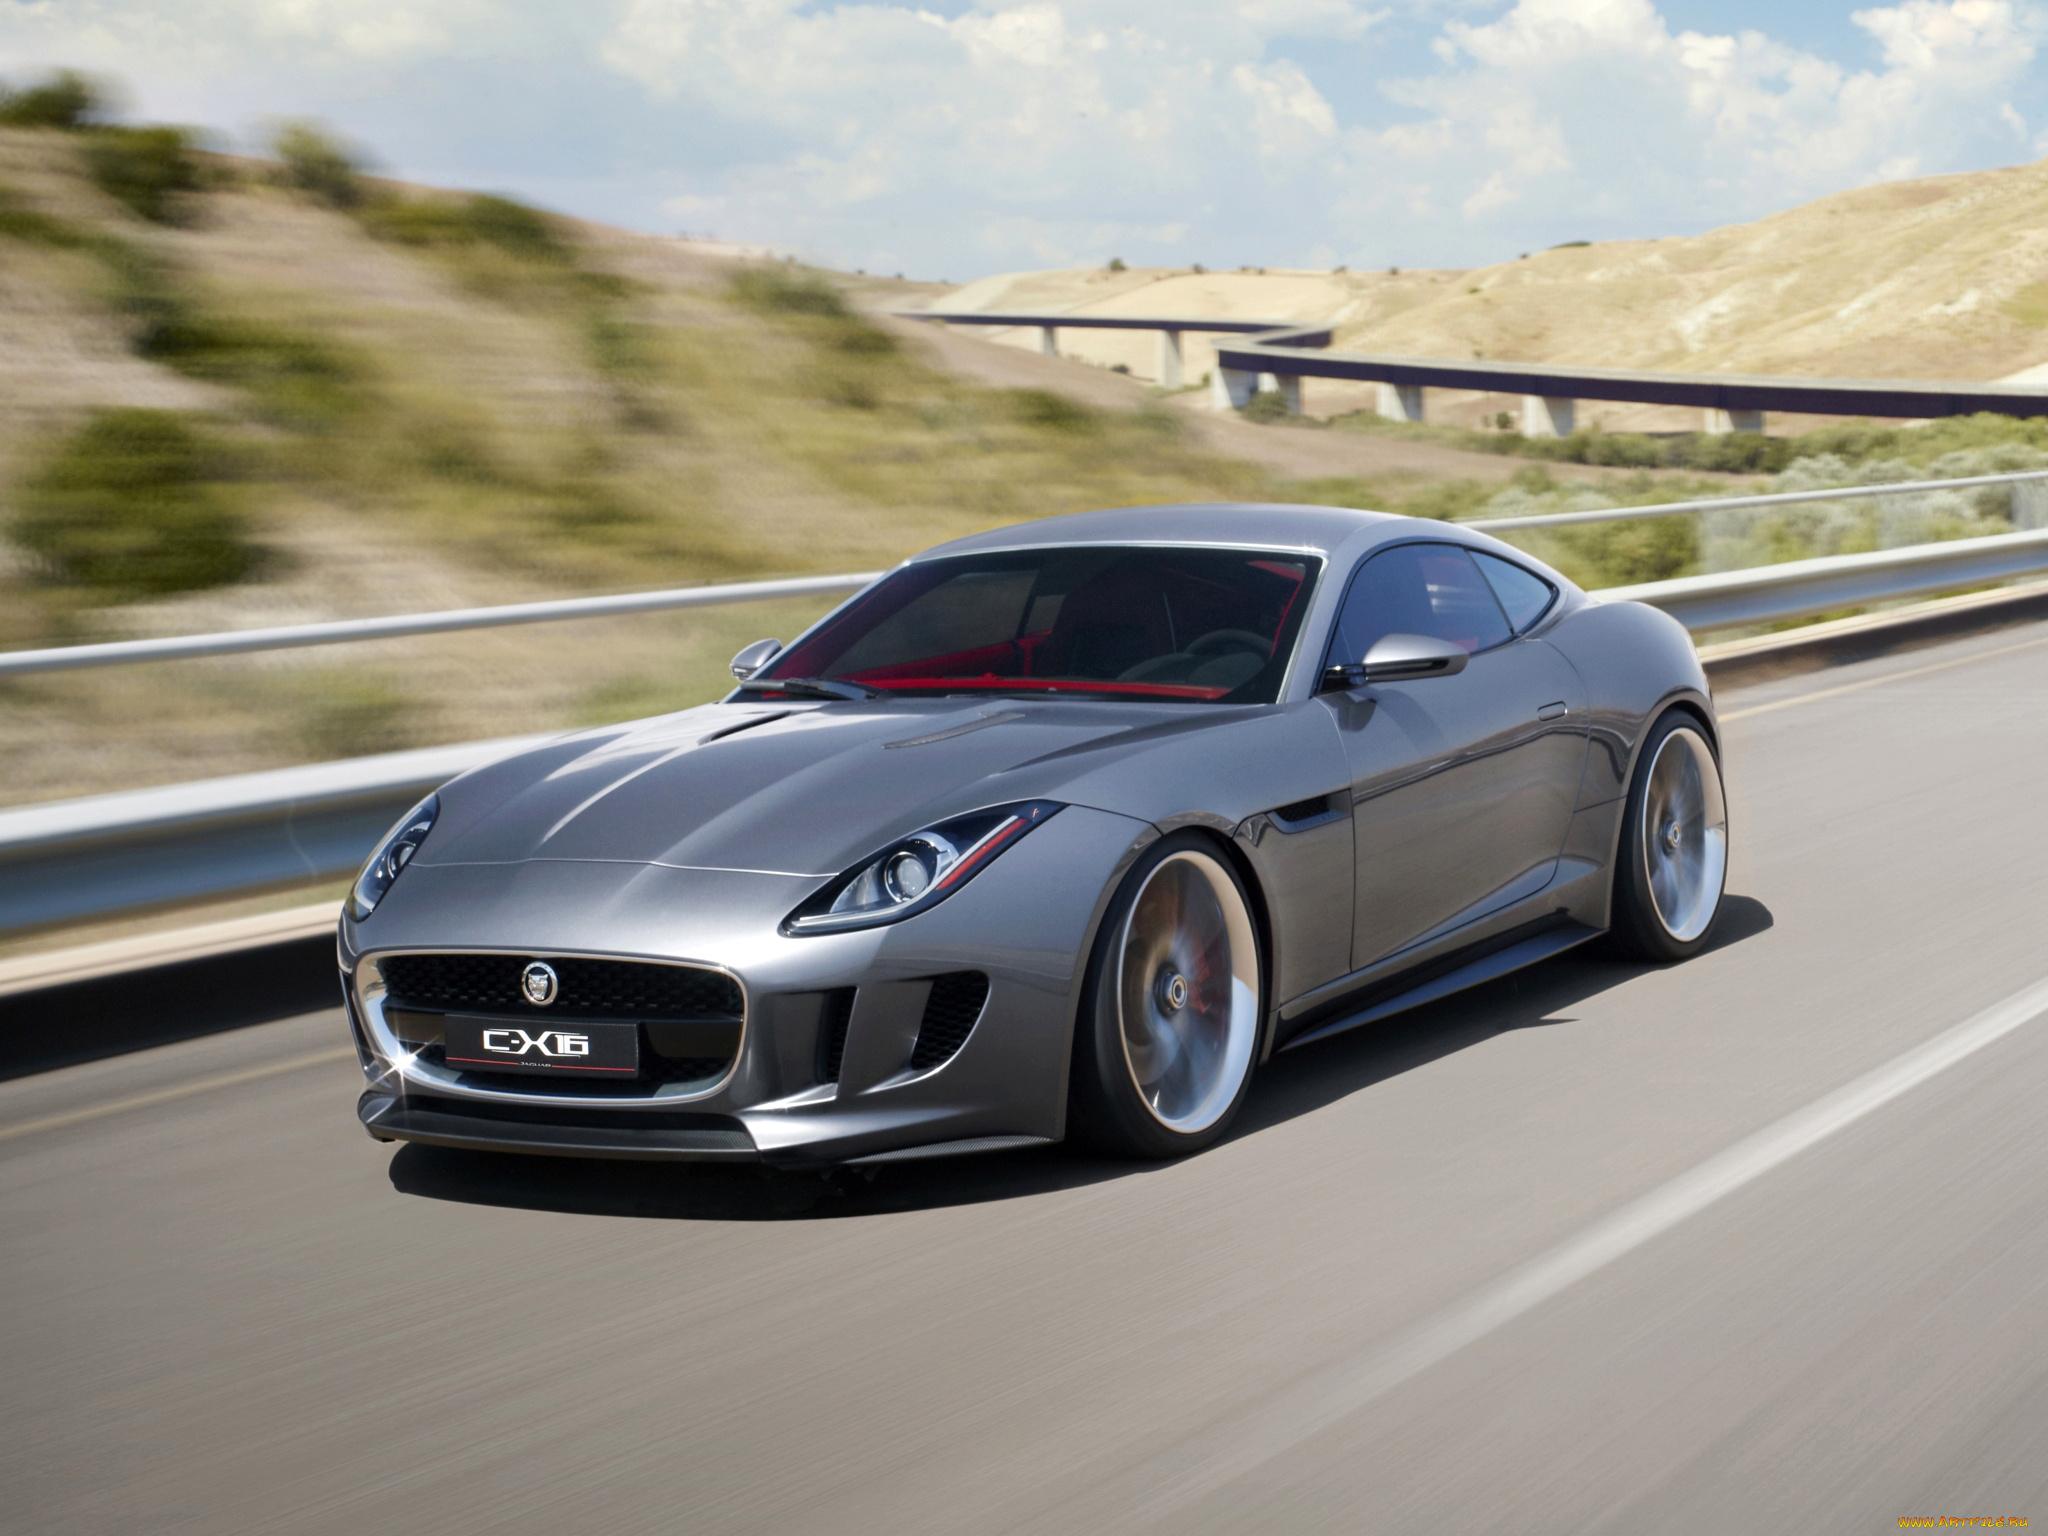 Роскошный спортивный автомобиль Jaguar